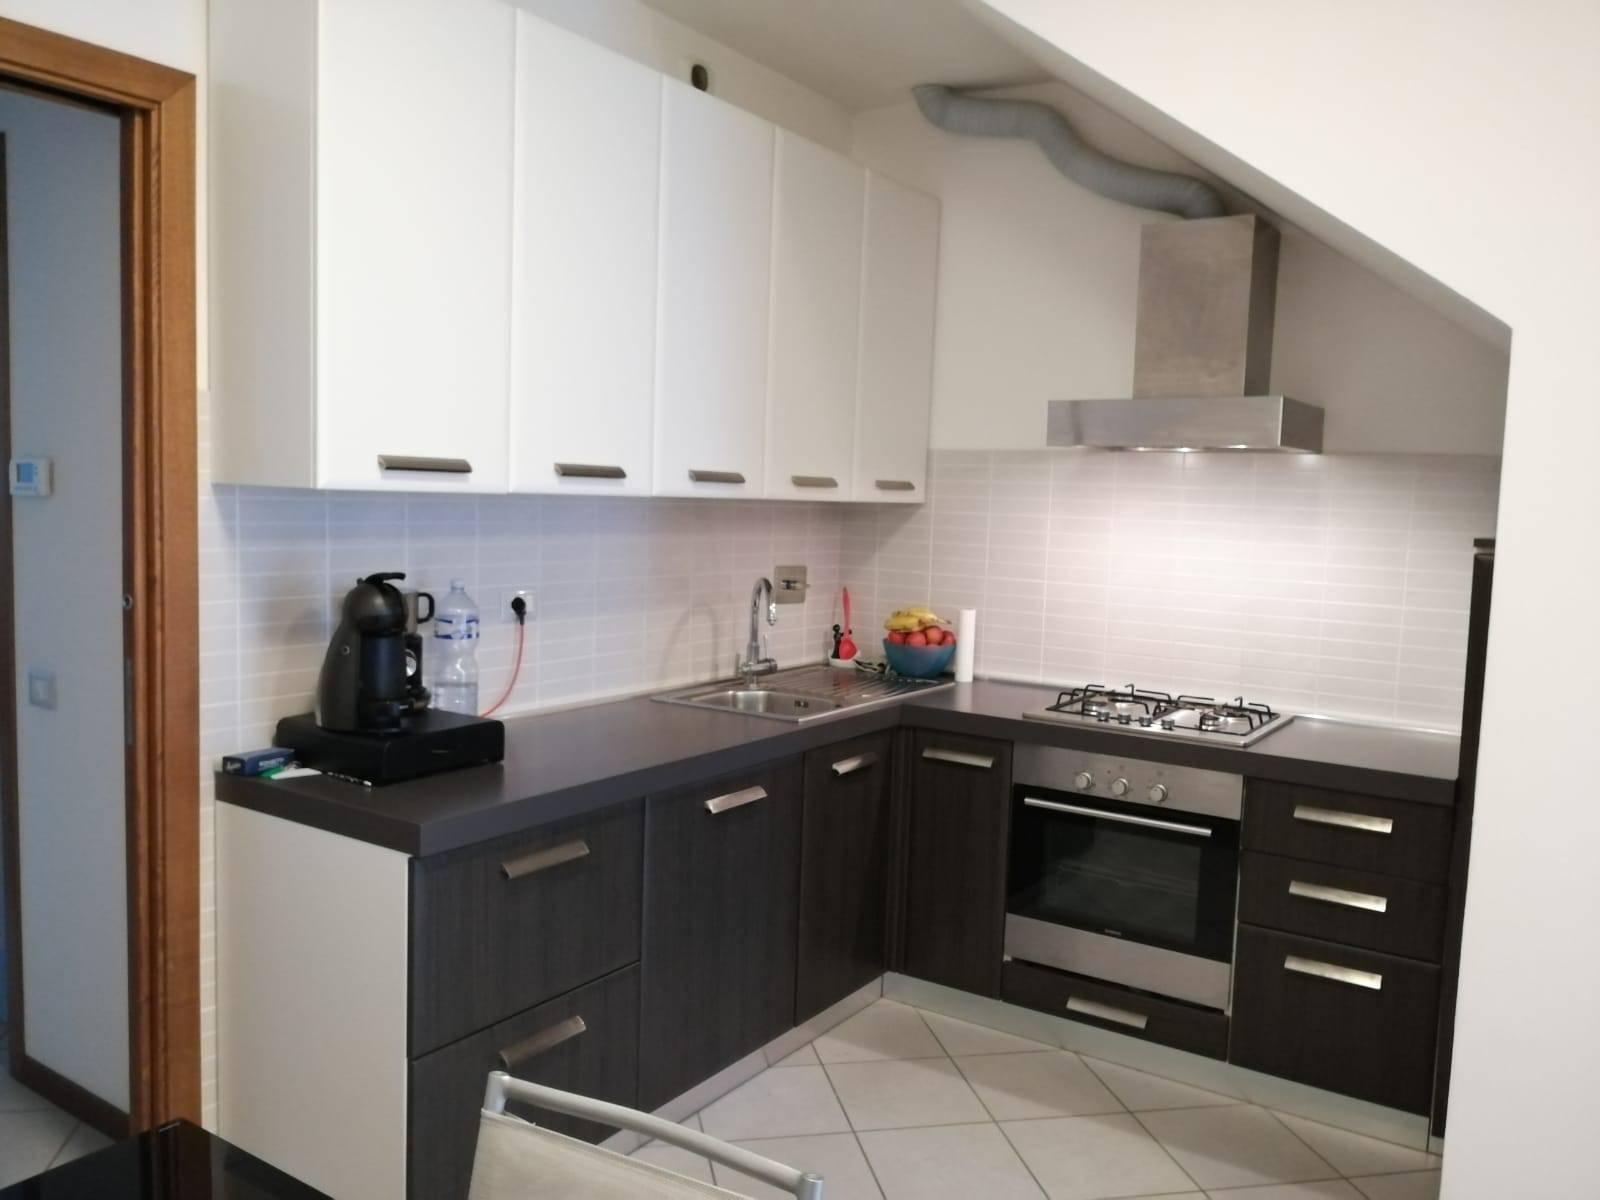 Appartamento in vendita a Monteriggioni, 2 locali, zona Località: LA TOGNAZZA, prezzo € 165.000 | PortaleAgenzieImmobiliari.it